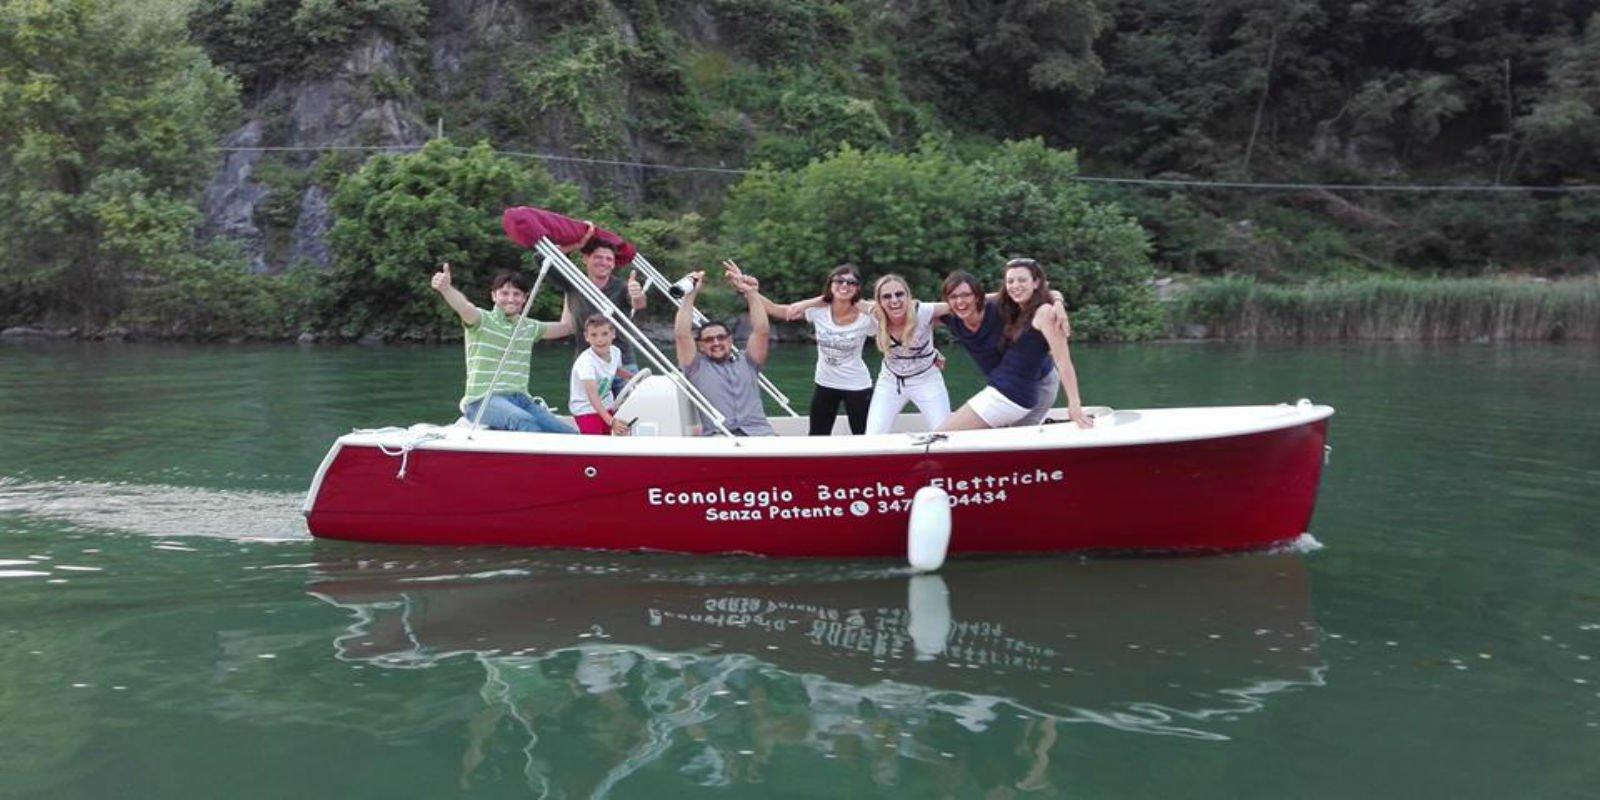 delle persone su una barca rossa in un lago